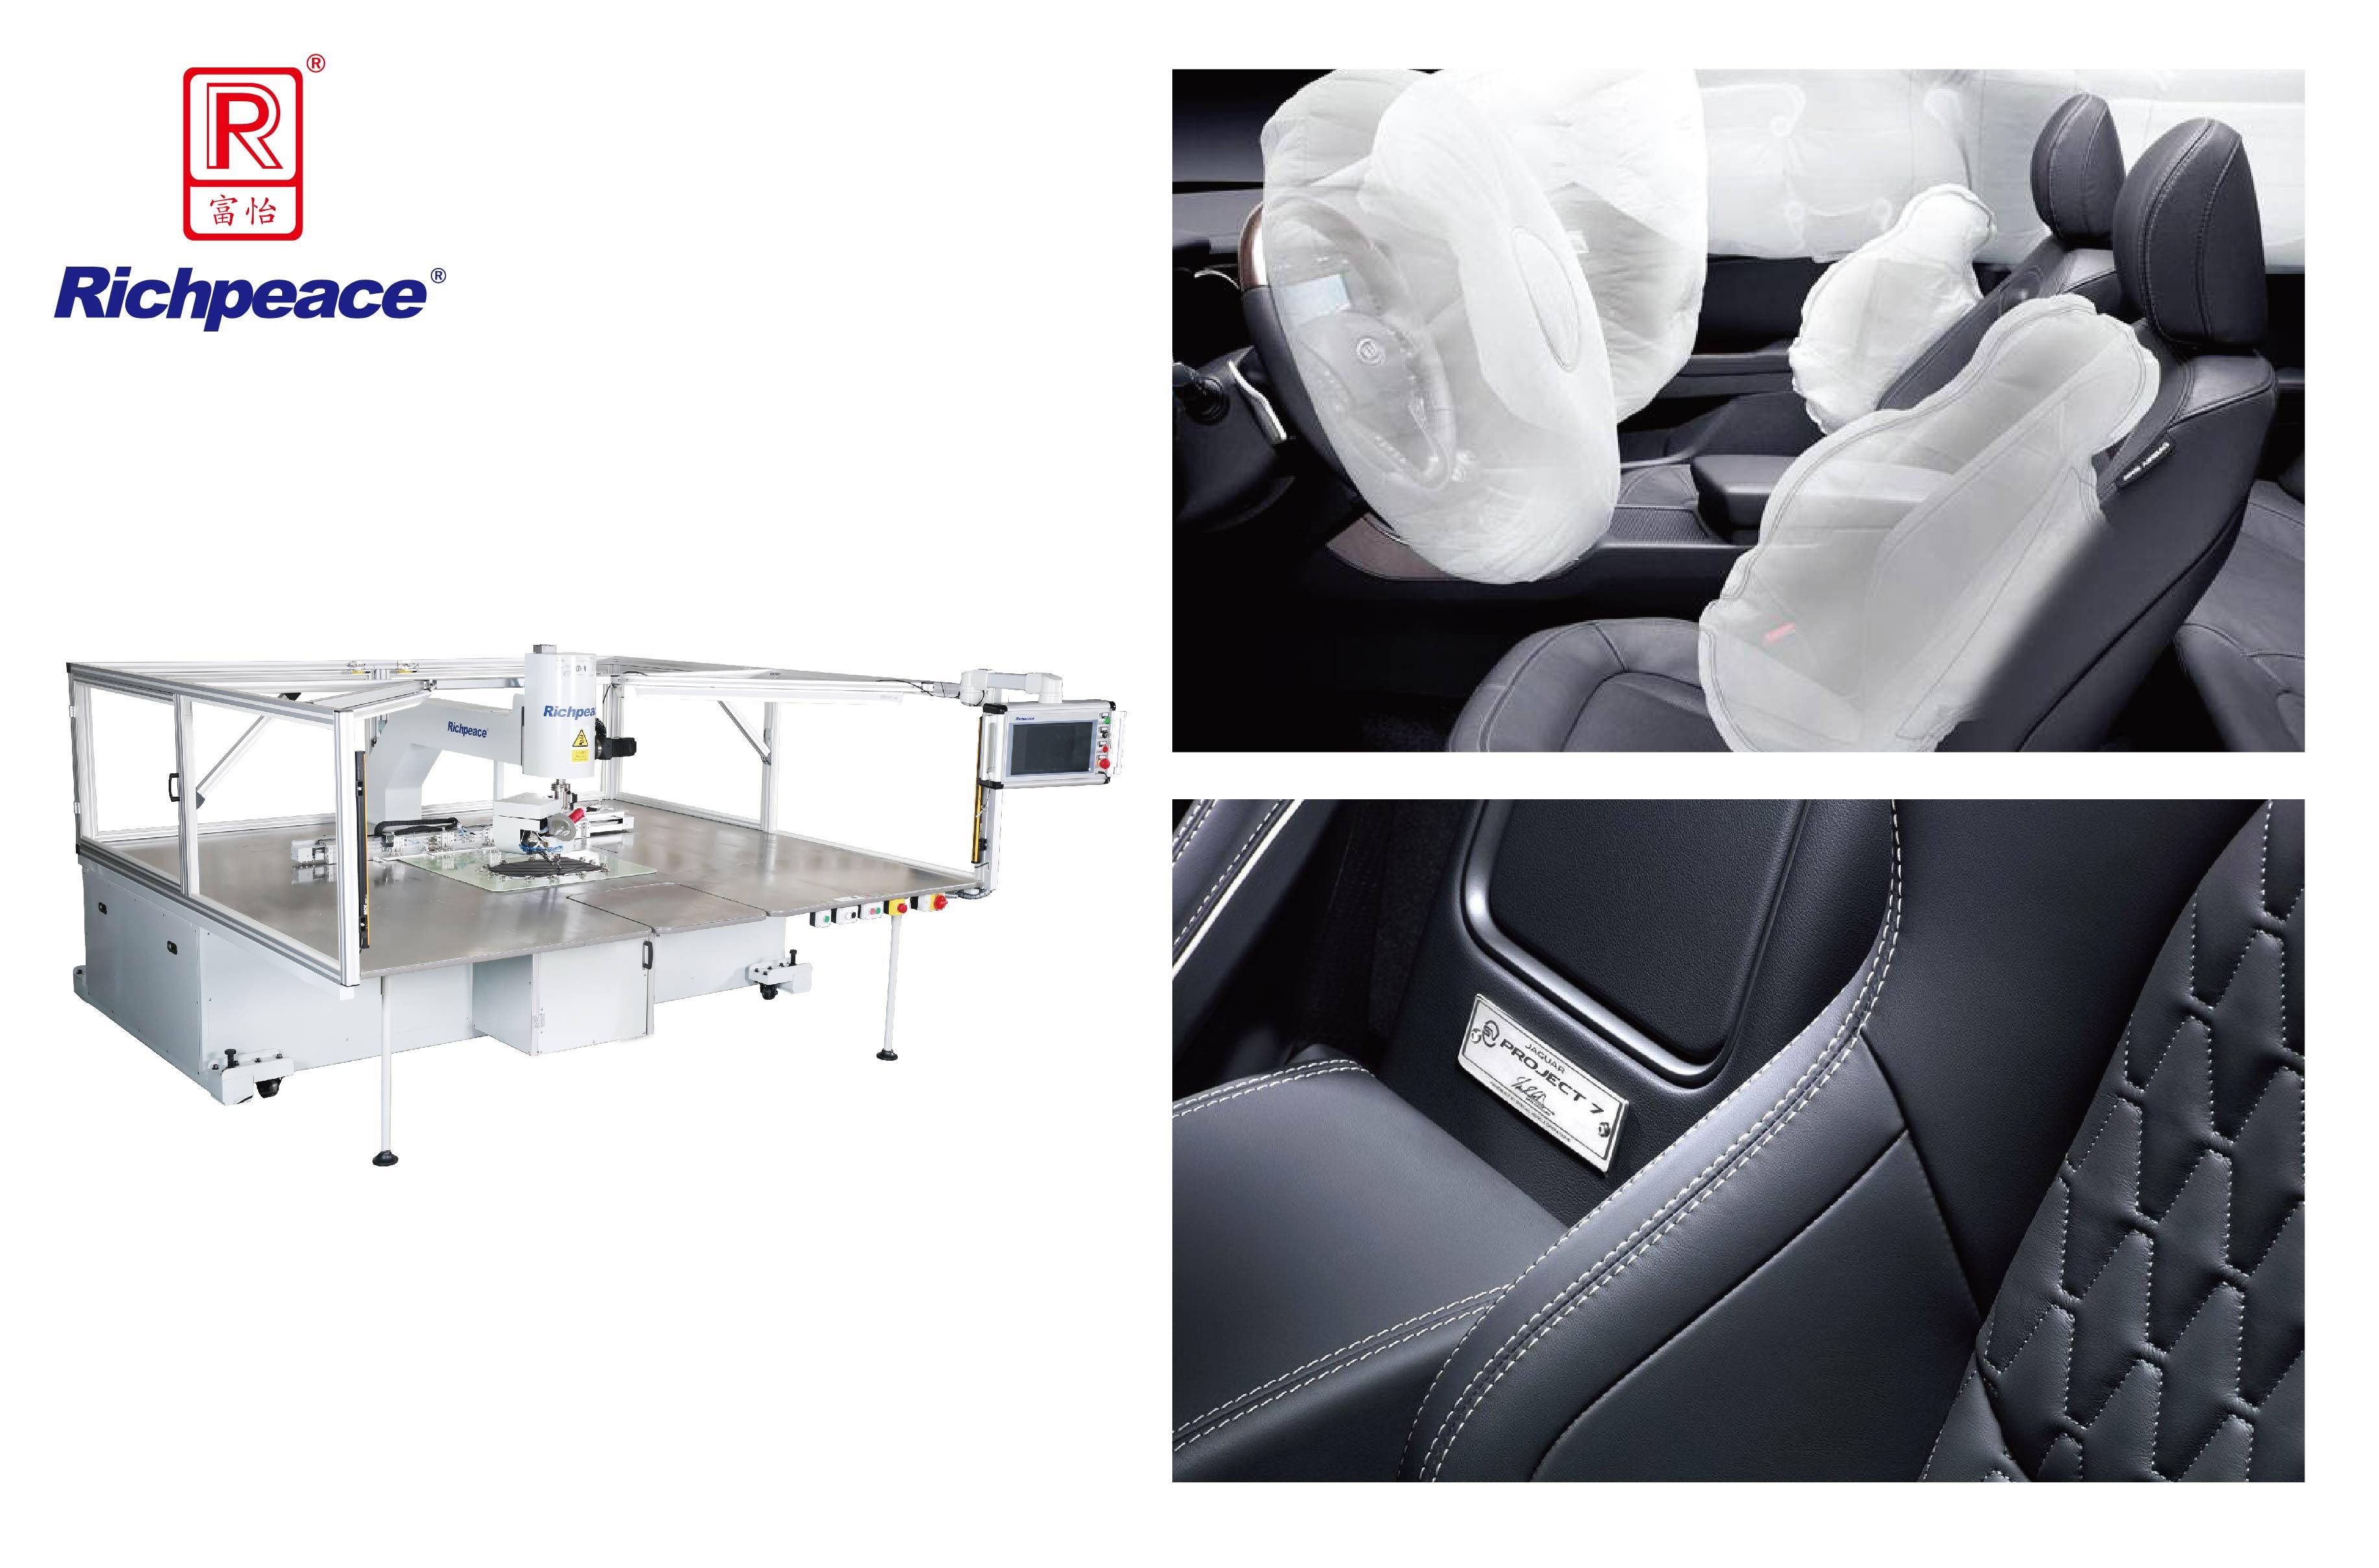 Richpeace Automatic Single Needle Universal Rotary Sewing Machine (Horizontal hook)